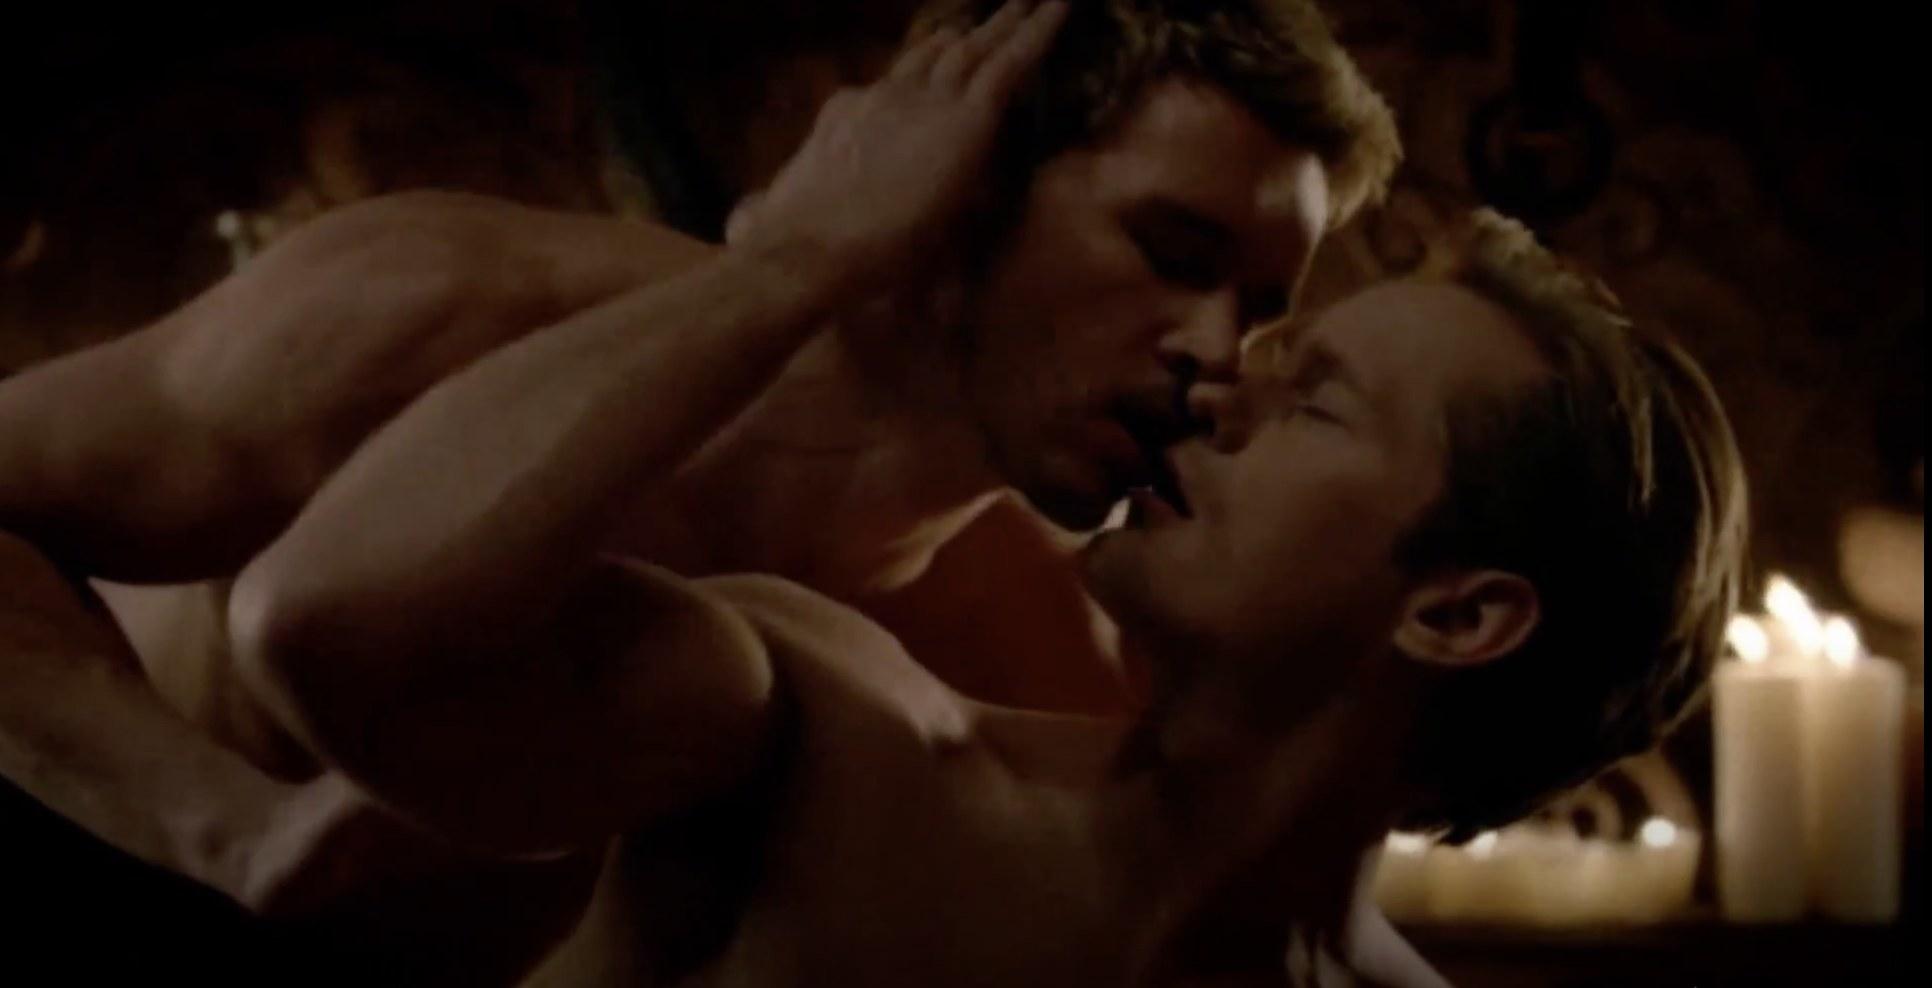 Jason and Eric kissing passionately